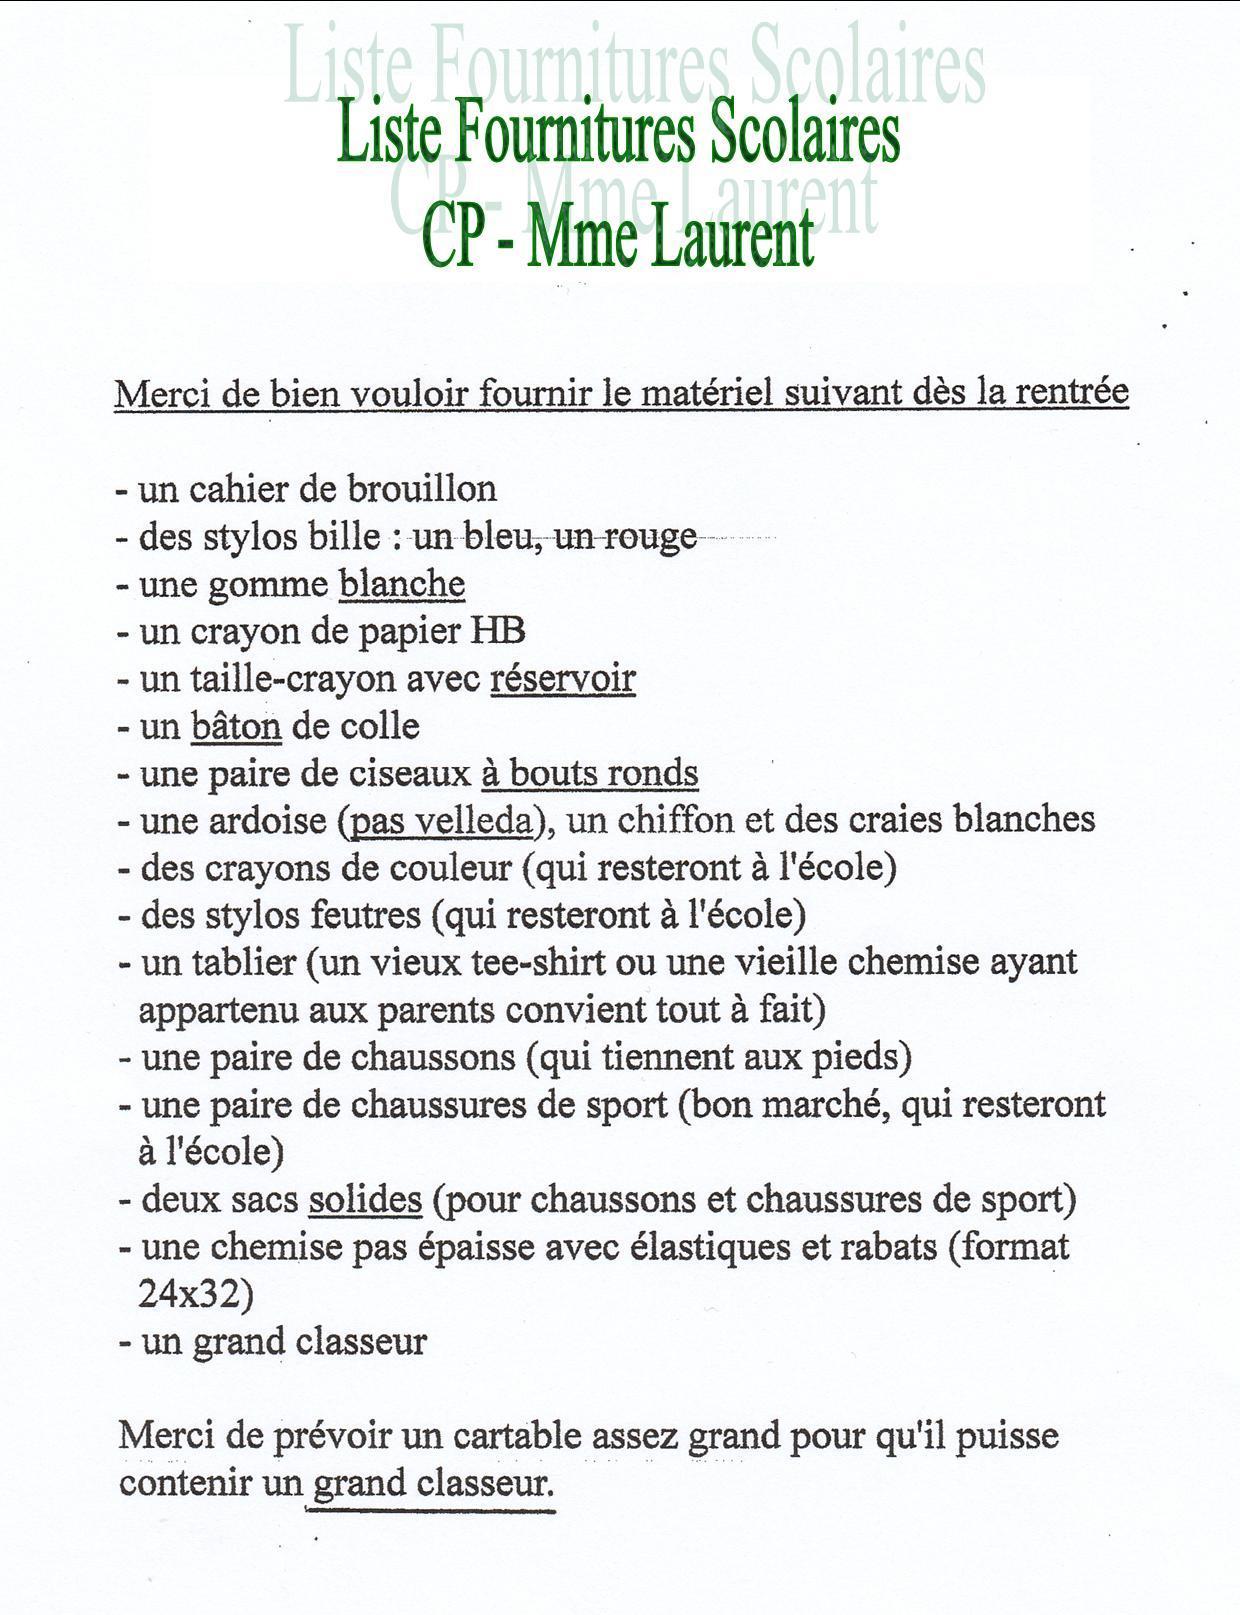 Liste Fournitures Françoise Laurent.jpg